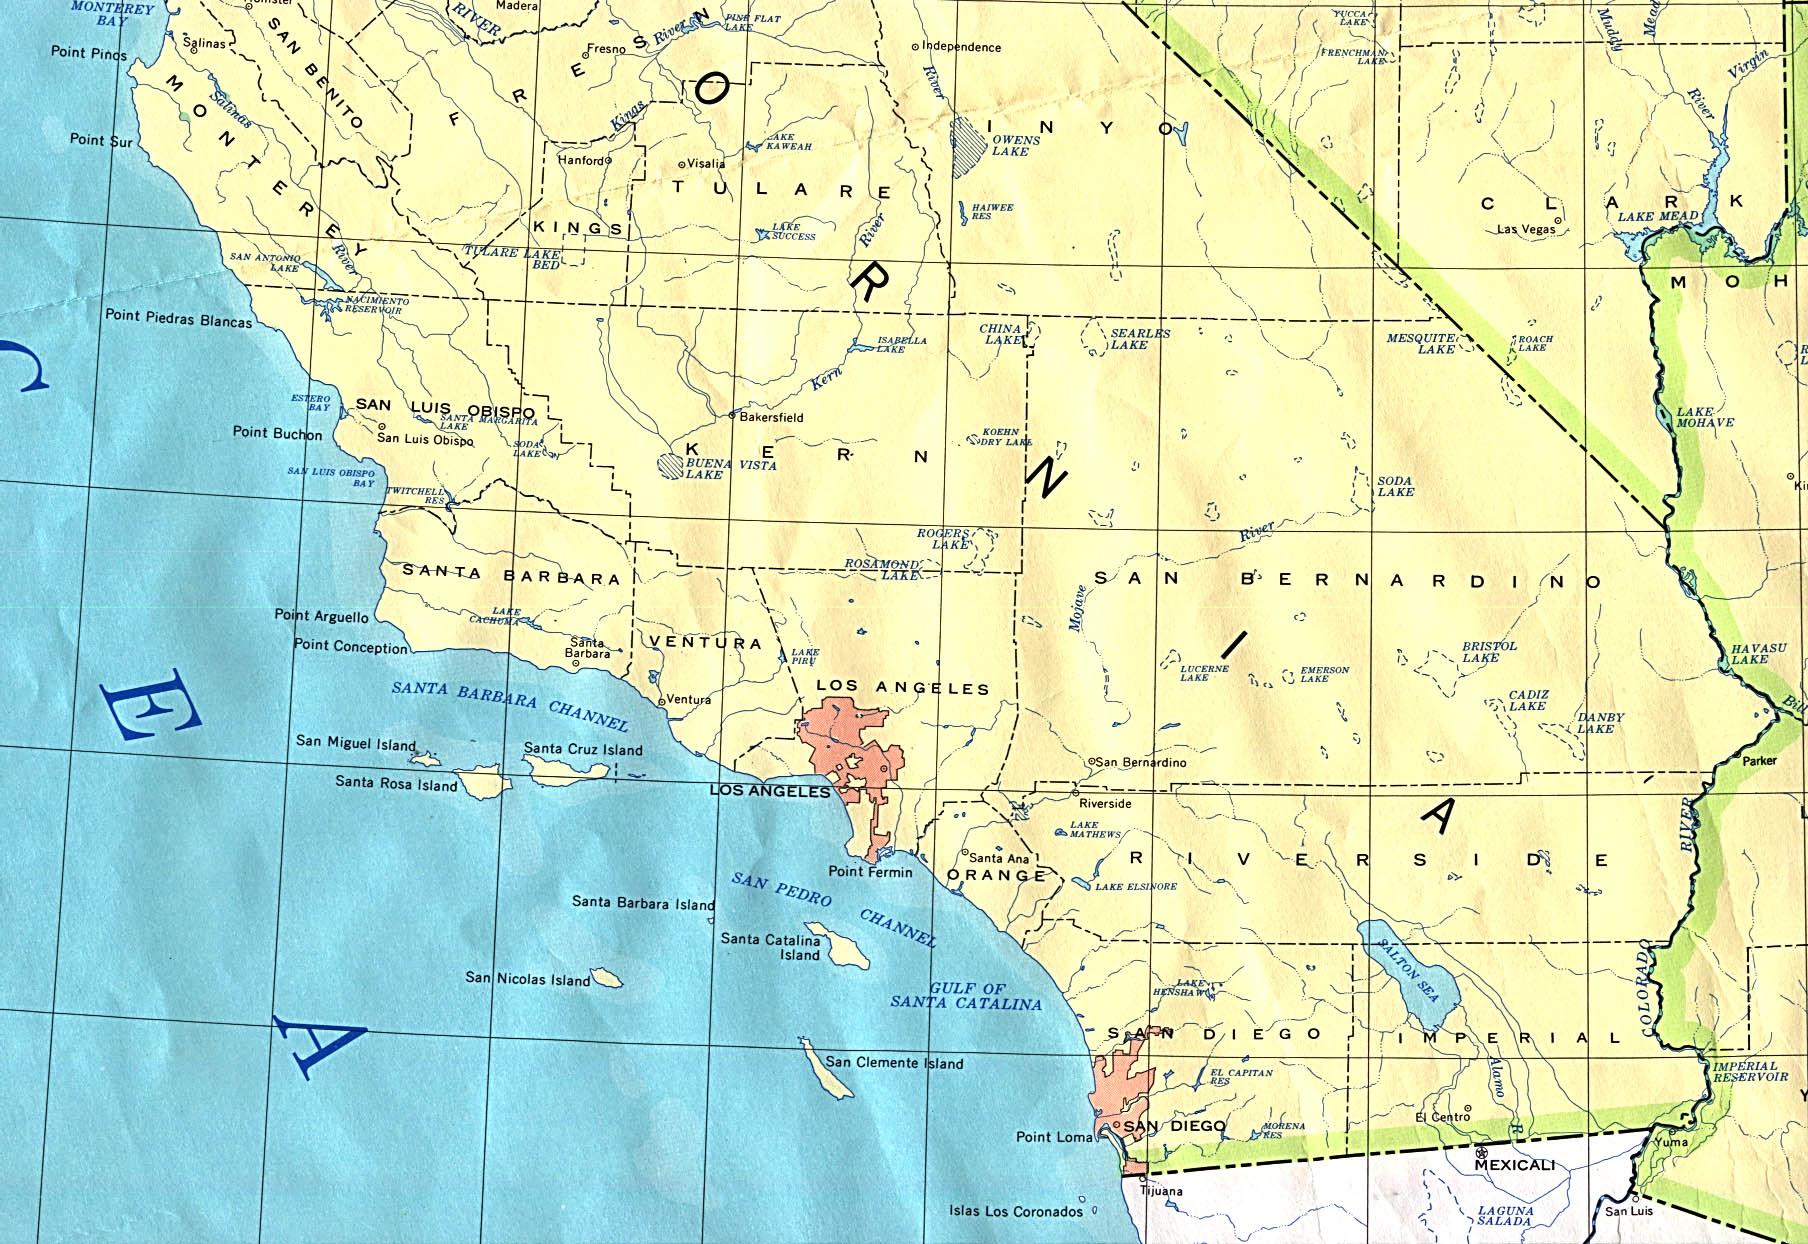 Mapa del Sur del Estado de California, Estados Unidos